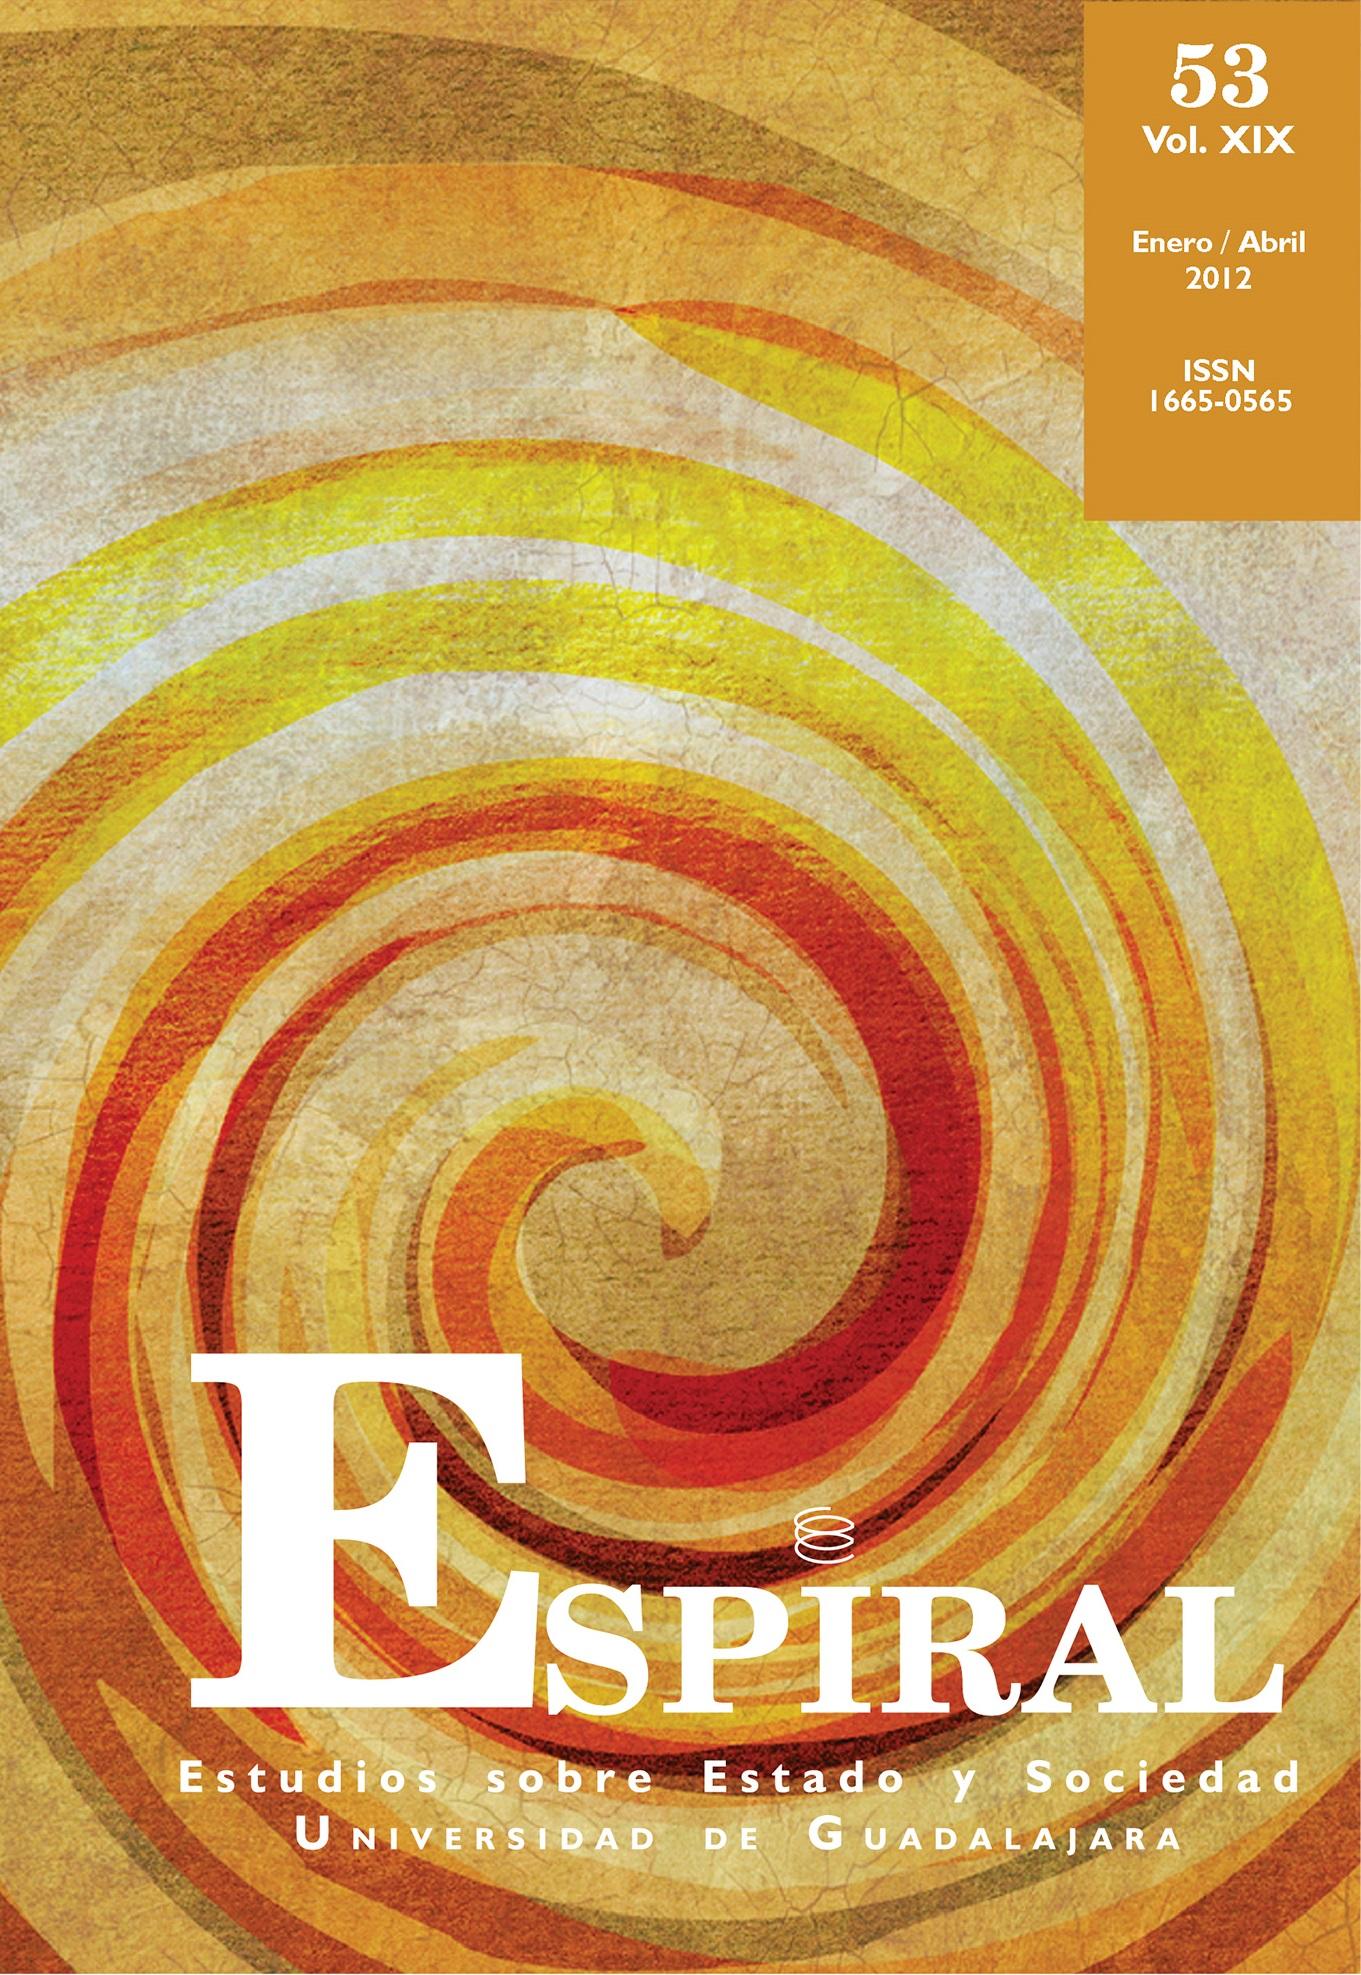 Ver Vol. 19 Núm. 53: Espiral 53 (enero-abril 2012)